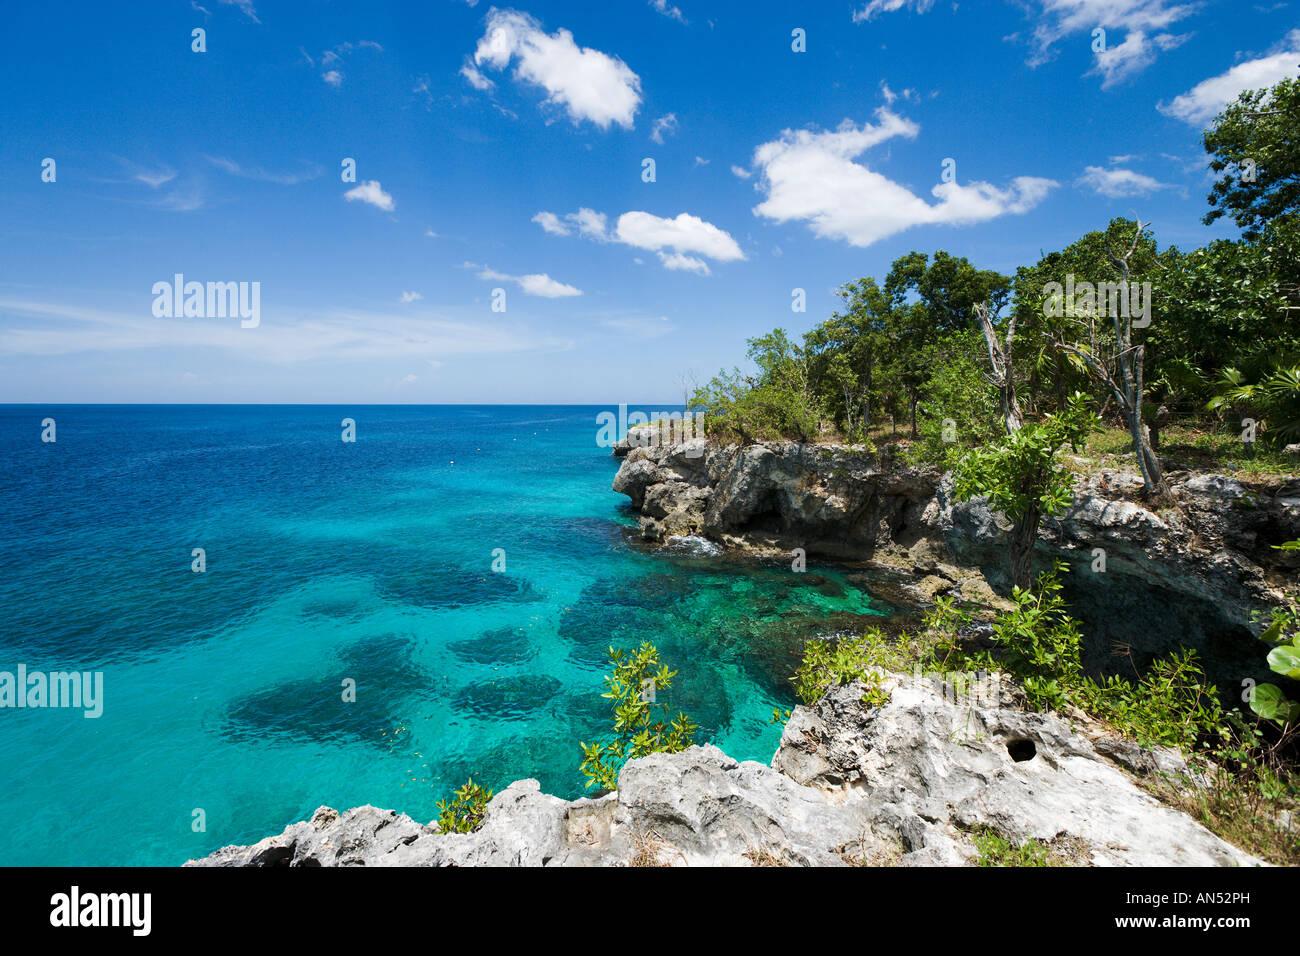 Acantilados típicos en el West End, Negril, Jamaica, Caribe, West Indies Foto de stock